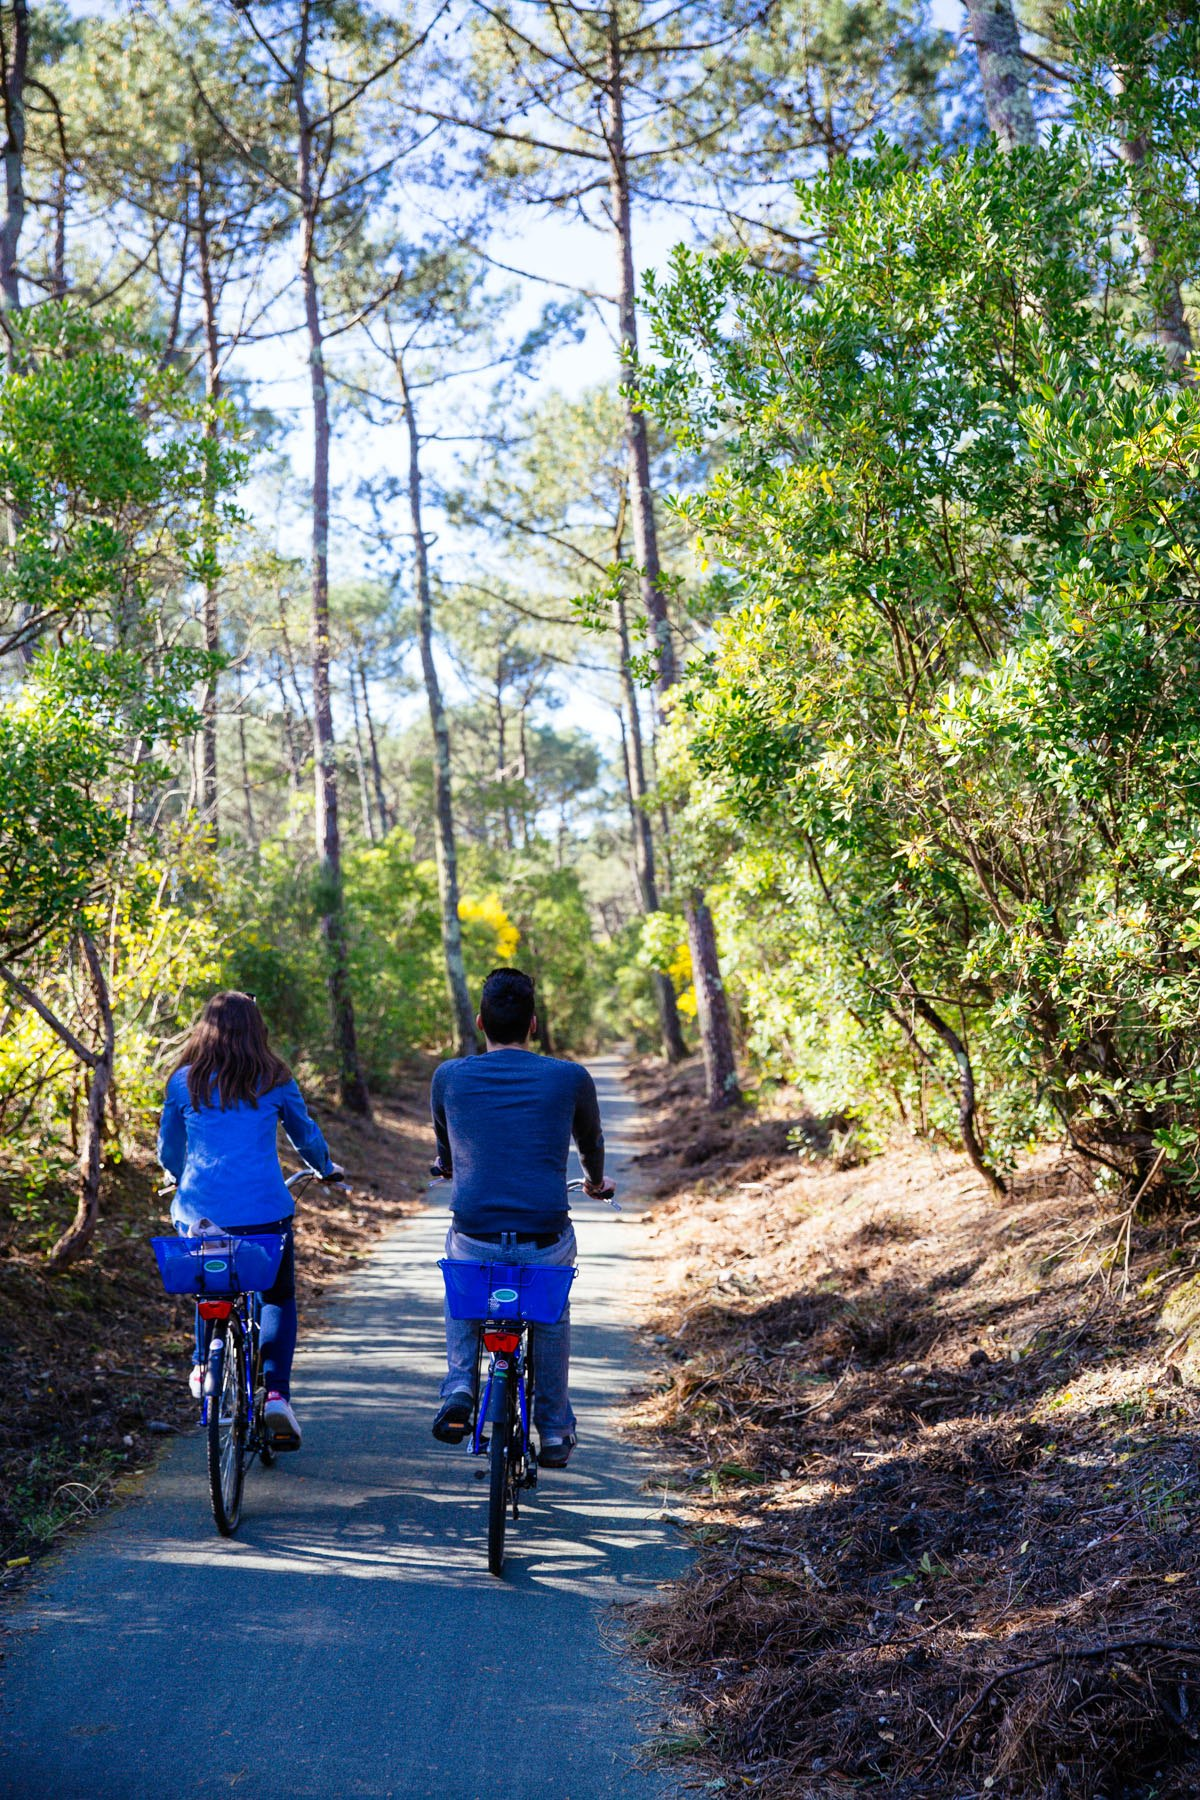 Balade vélo en pleine nature à Lège Cap Ferret